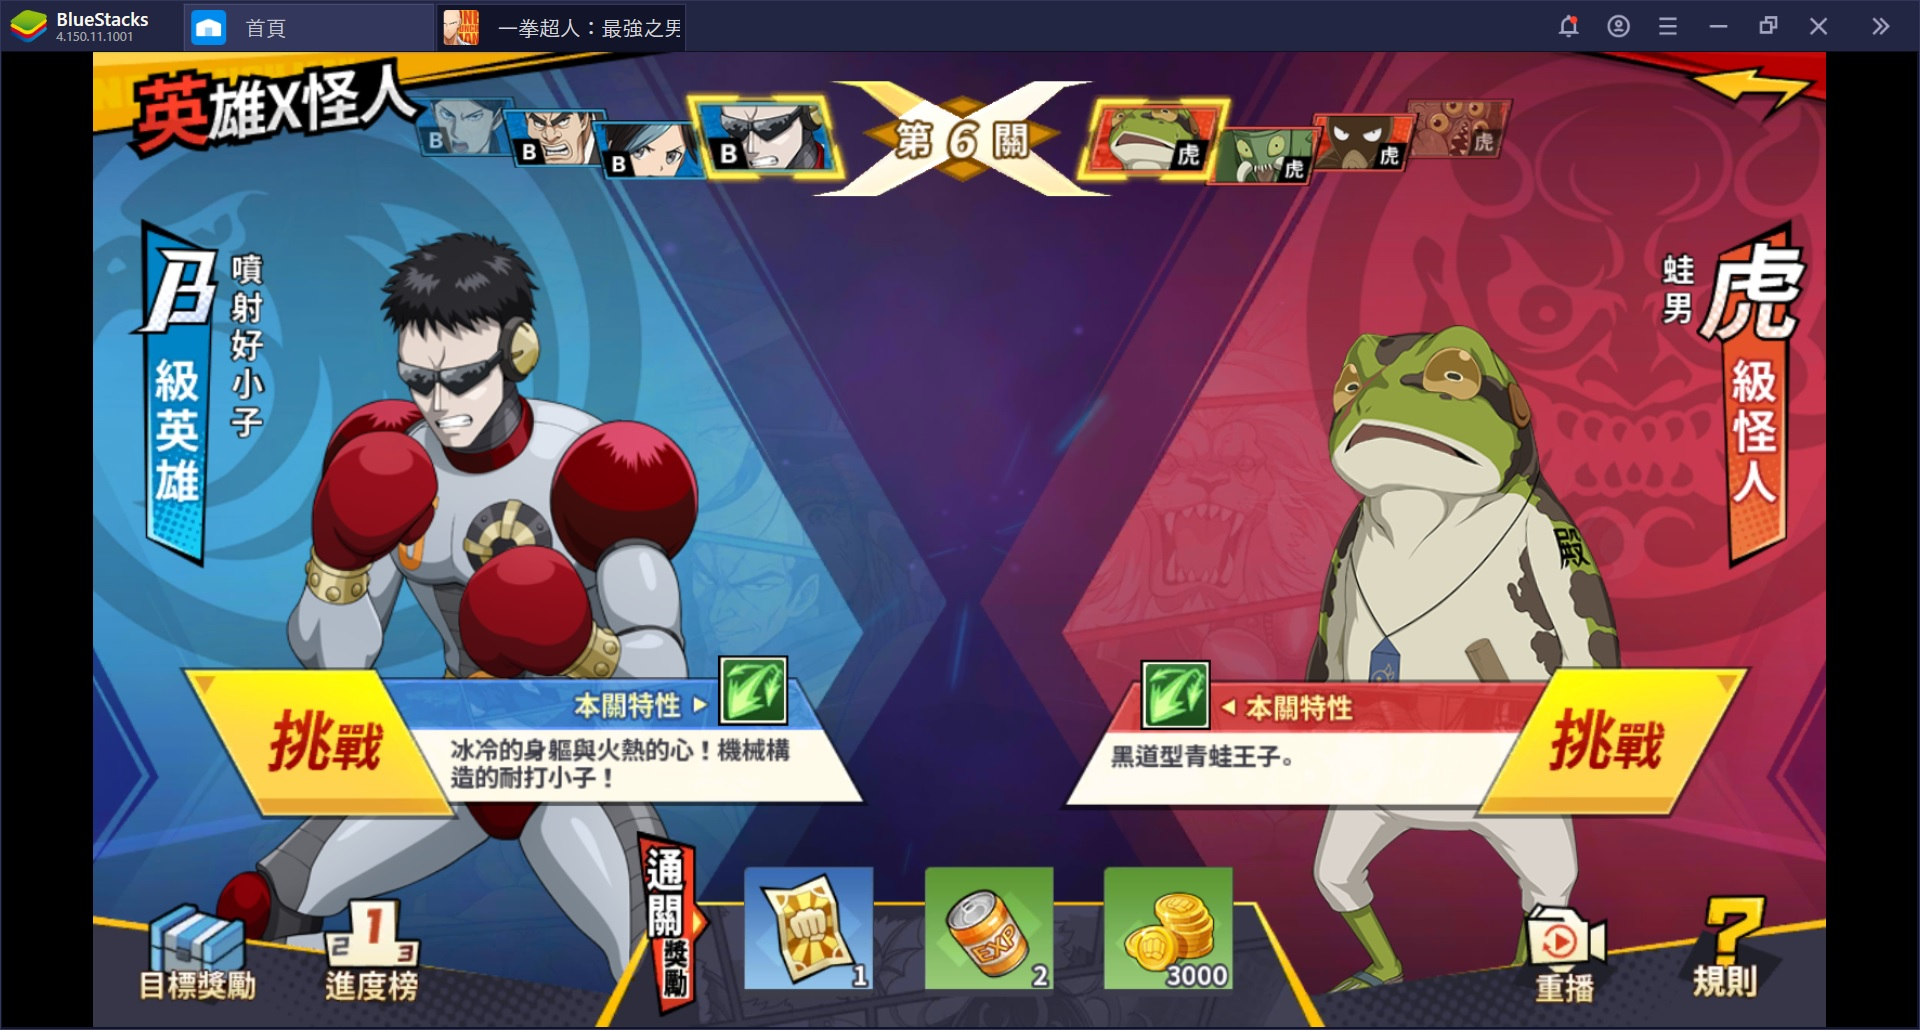 《一拳超人:最強之男》:新手必知的遊戲常識